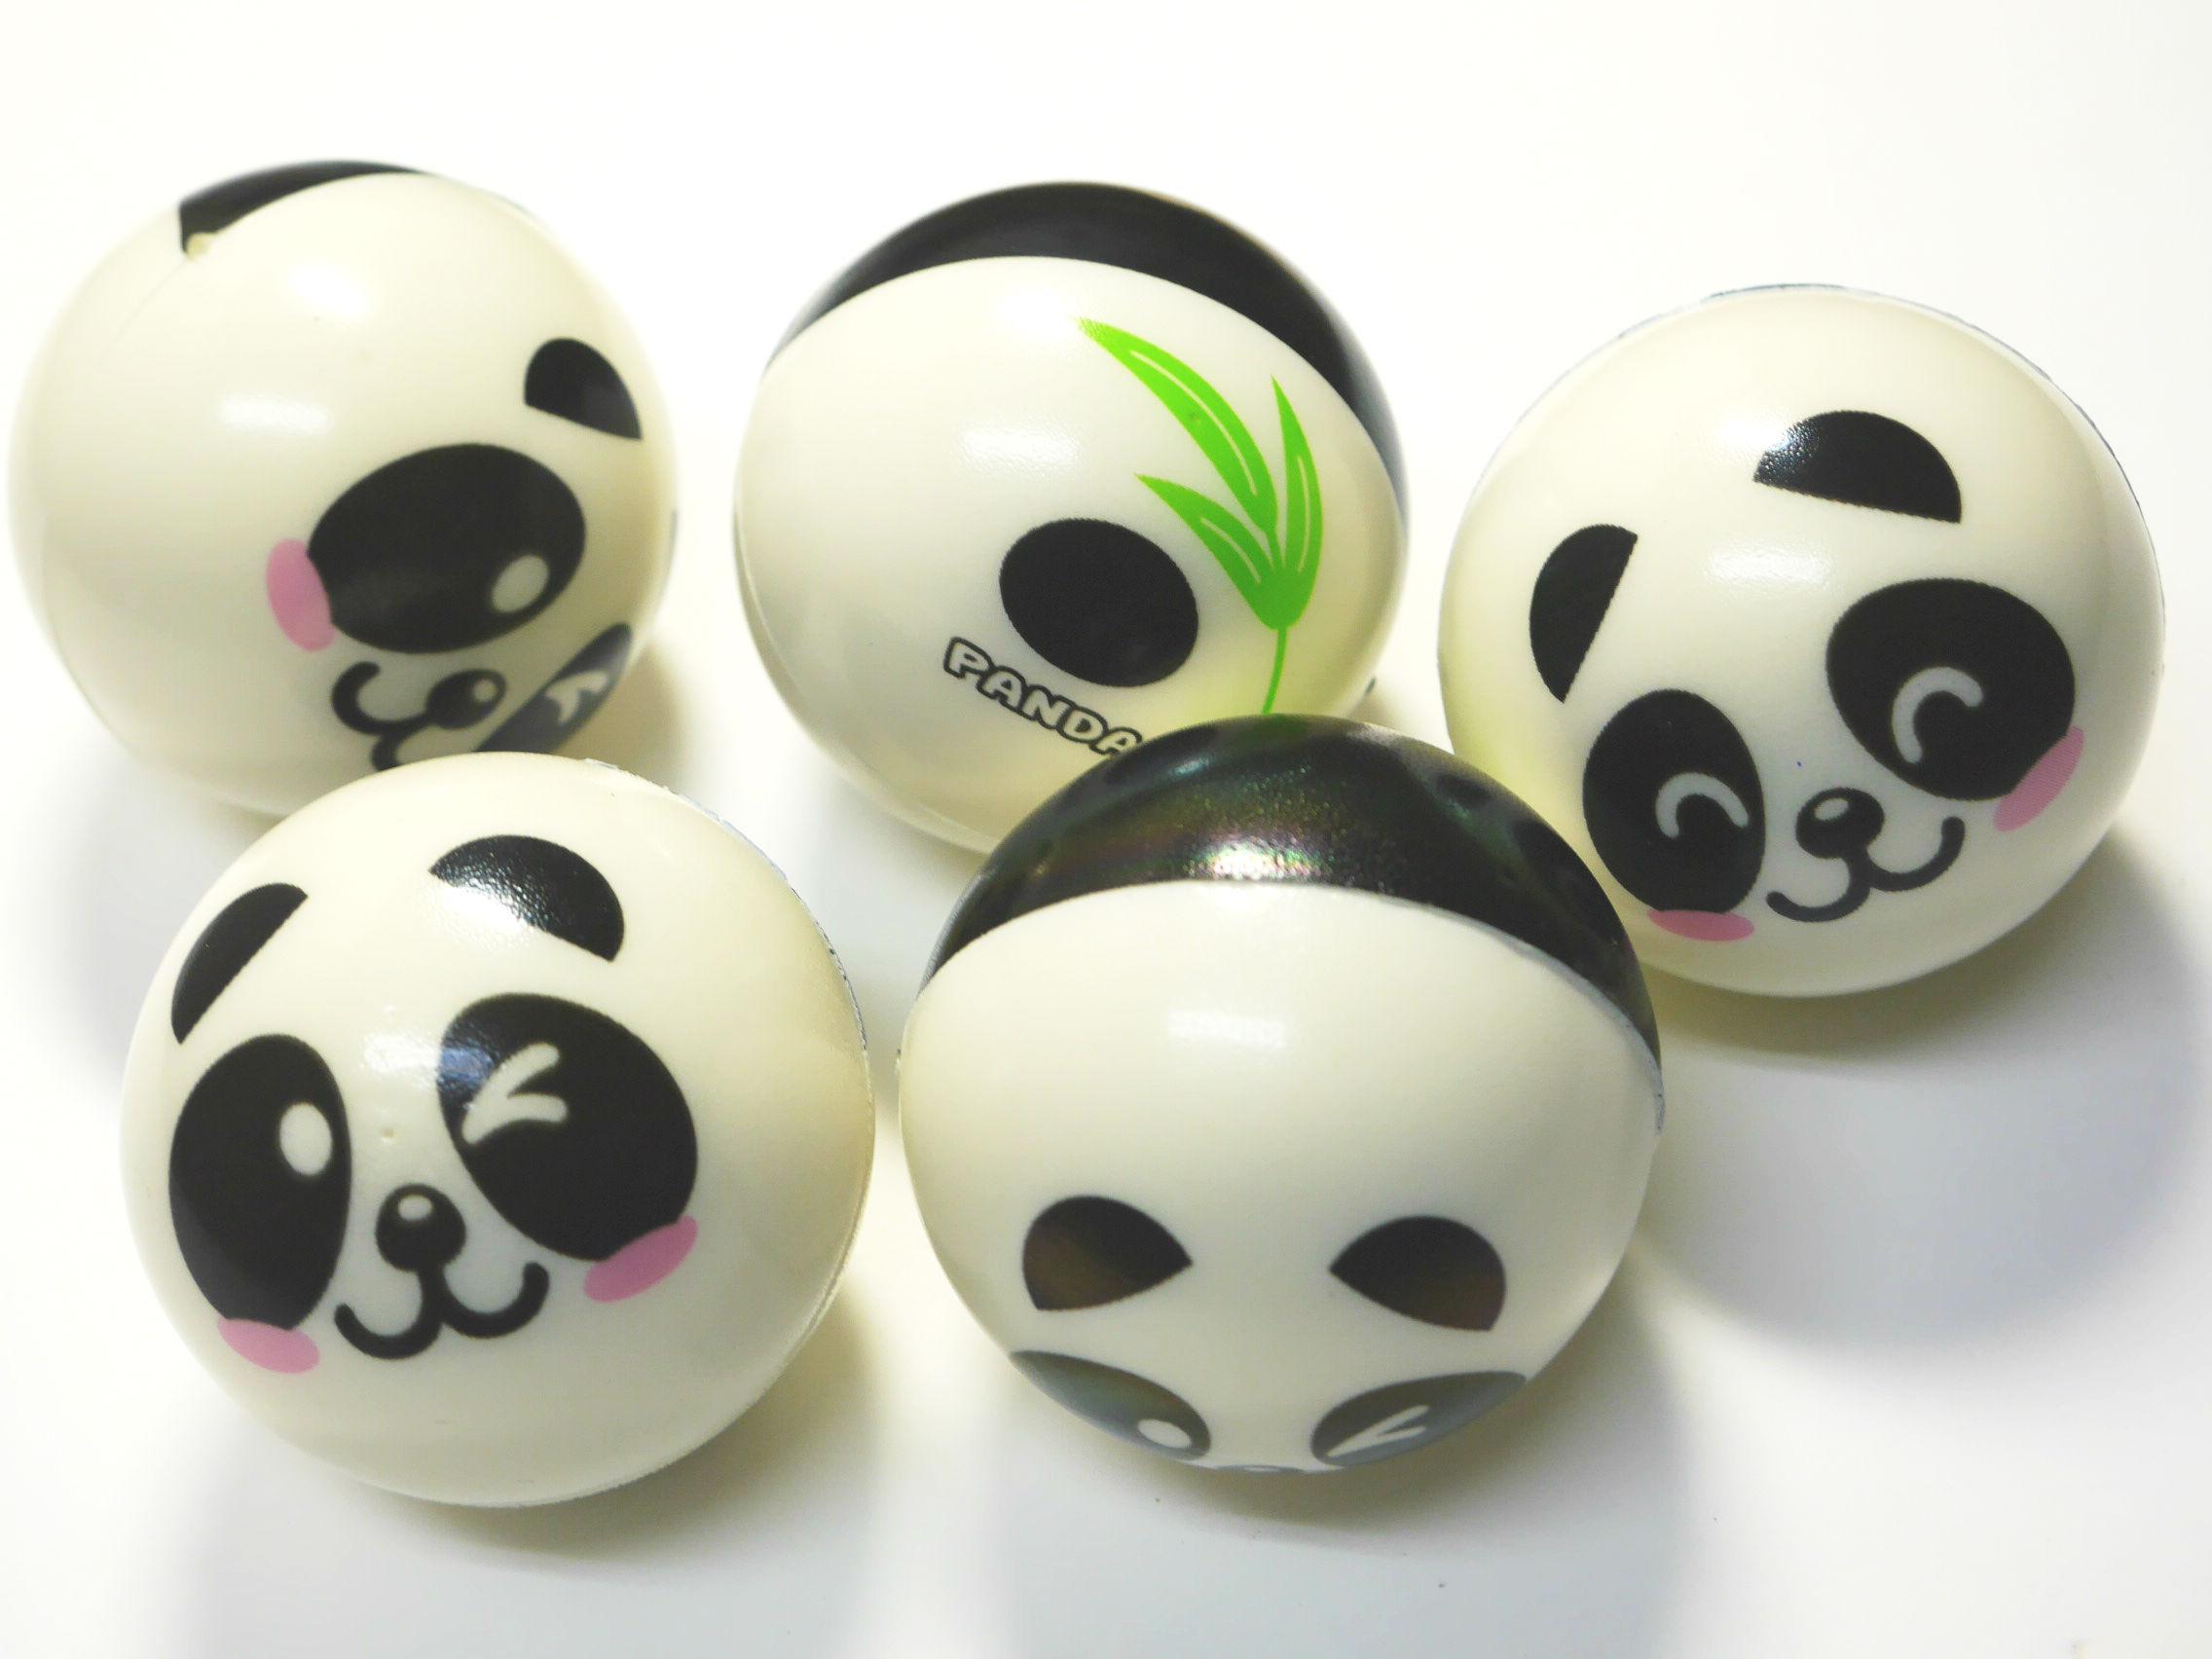 パンダのお顔がころころ ゴロゴロ 5㎝ぐらいのかわいいボールです